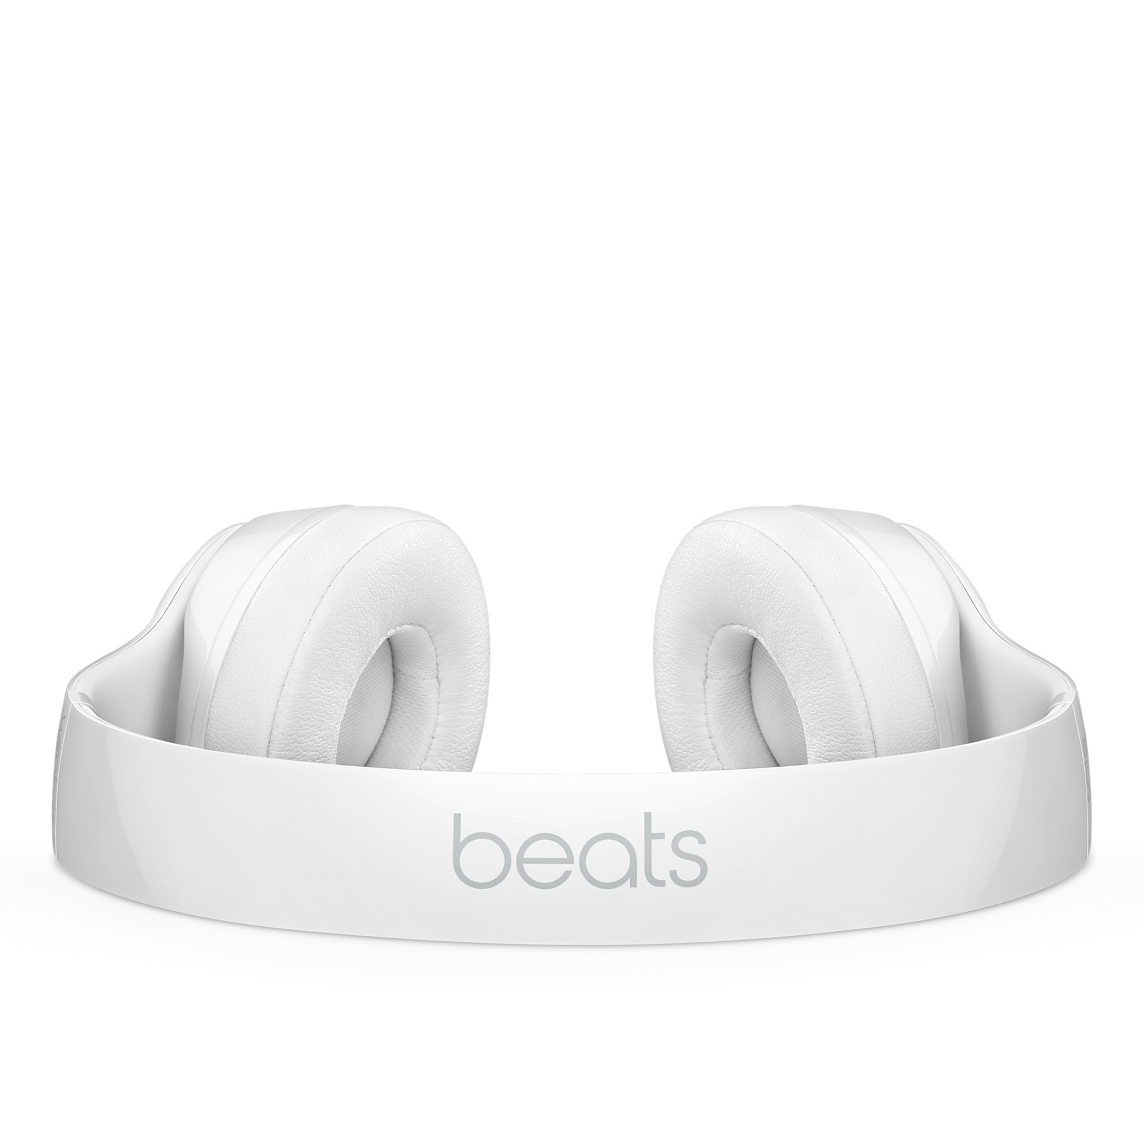 beatssolo3white.png